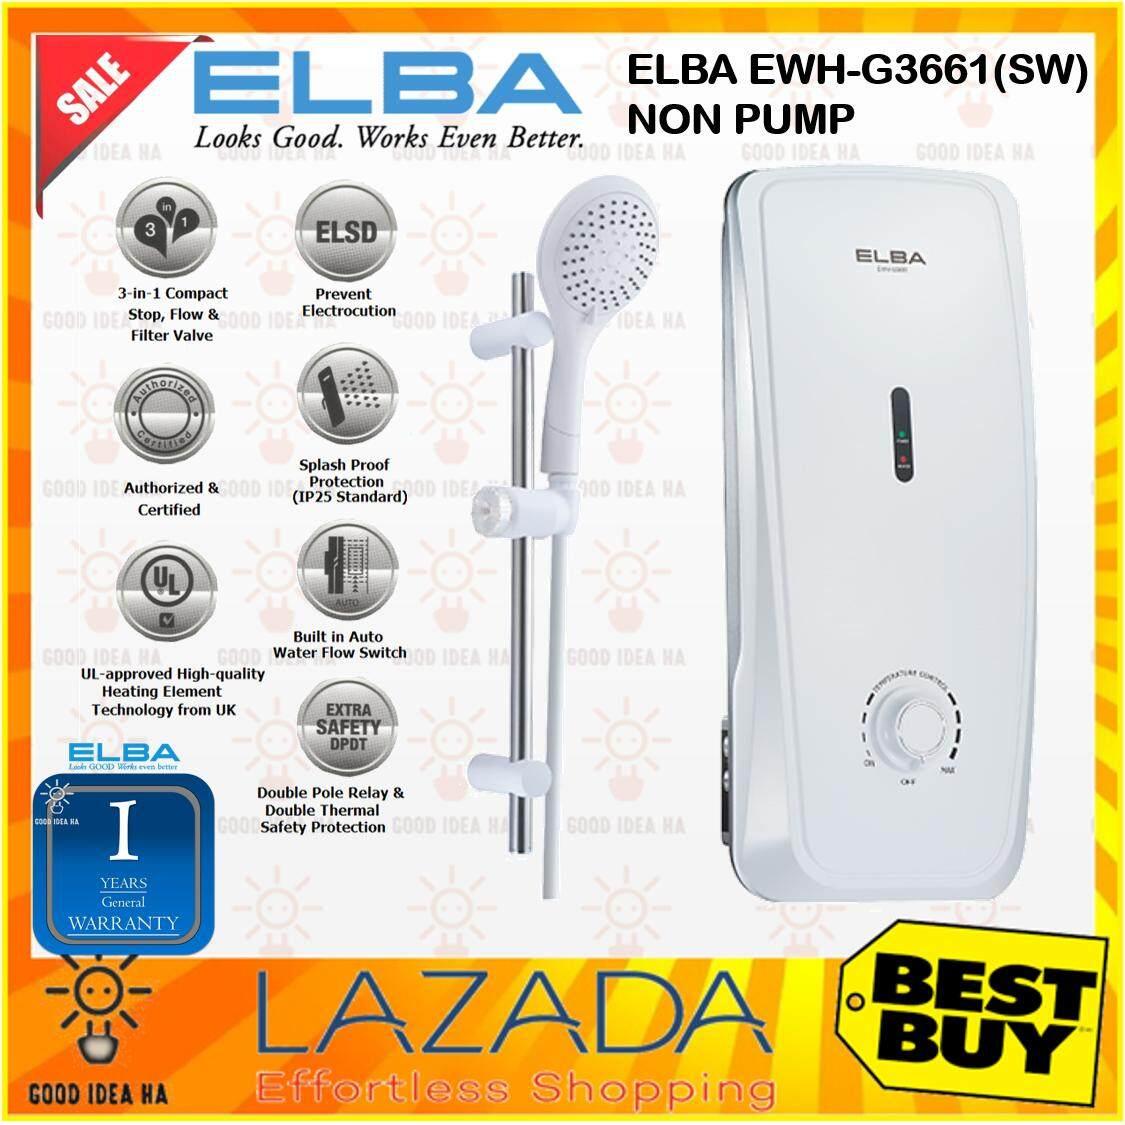 *FREE GIFT* ELBA EWH-G3661(SW) Home Shower Water Heater (No Pump)